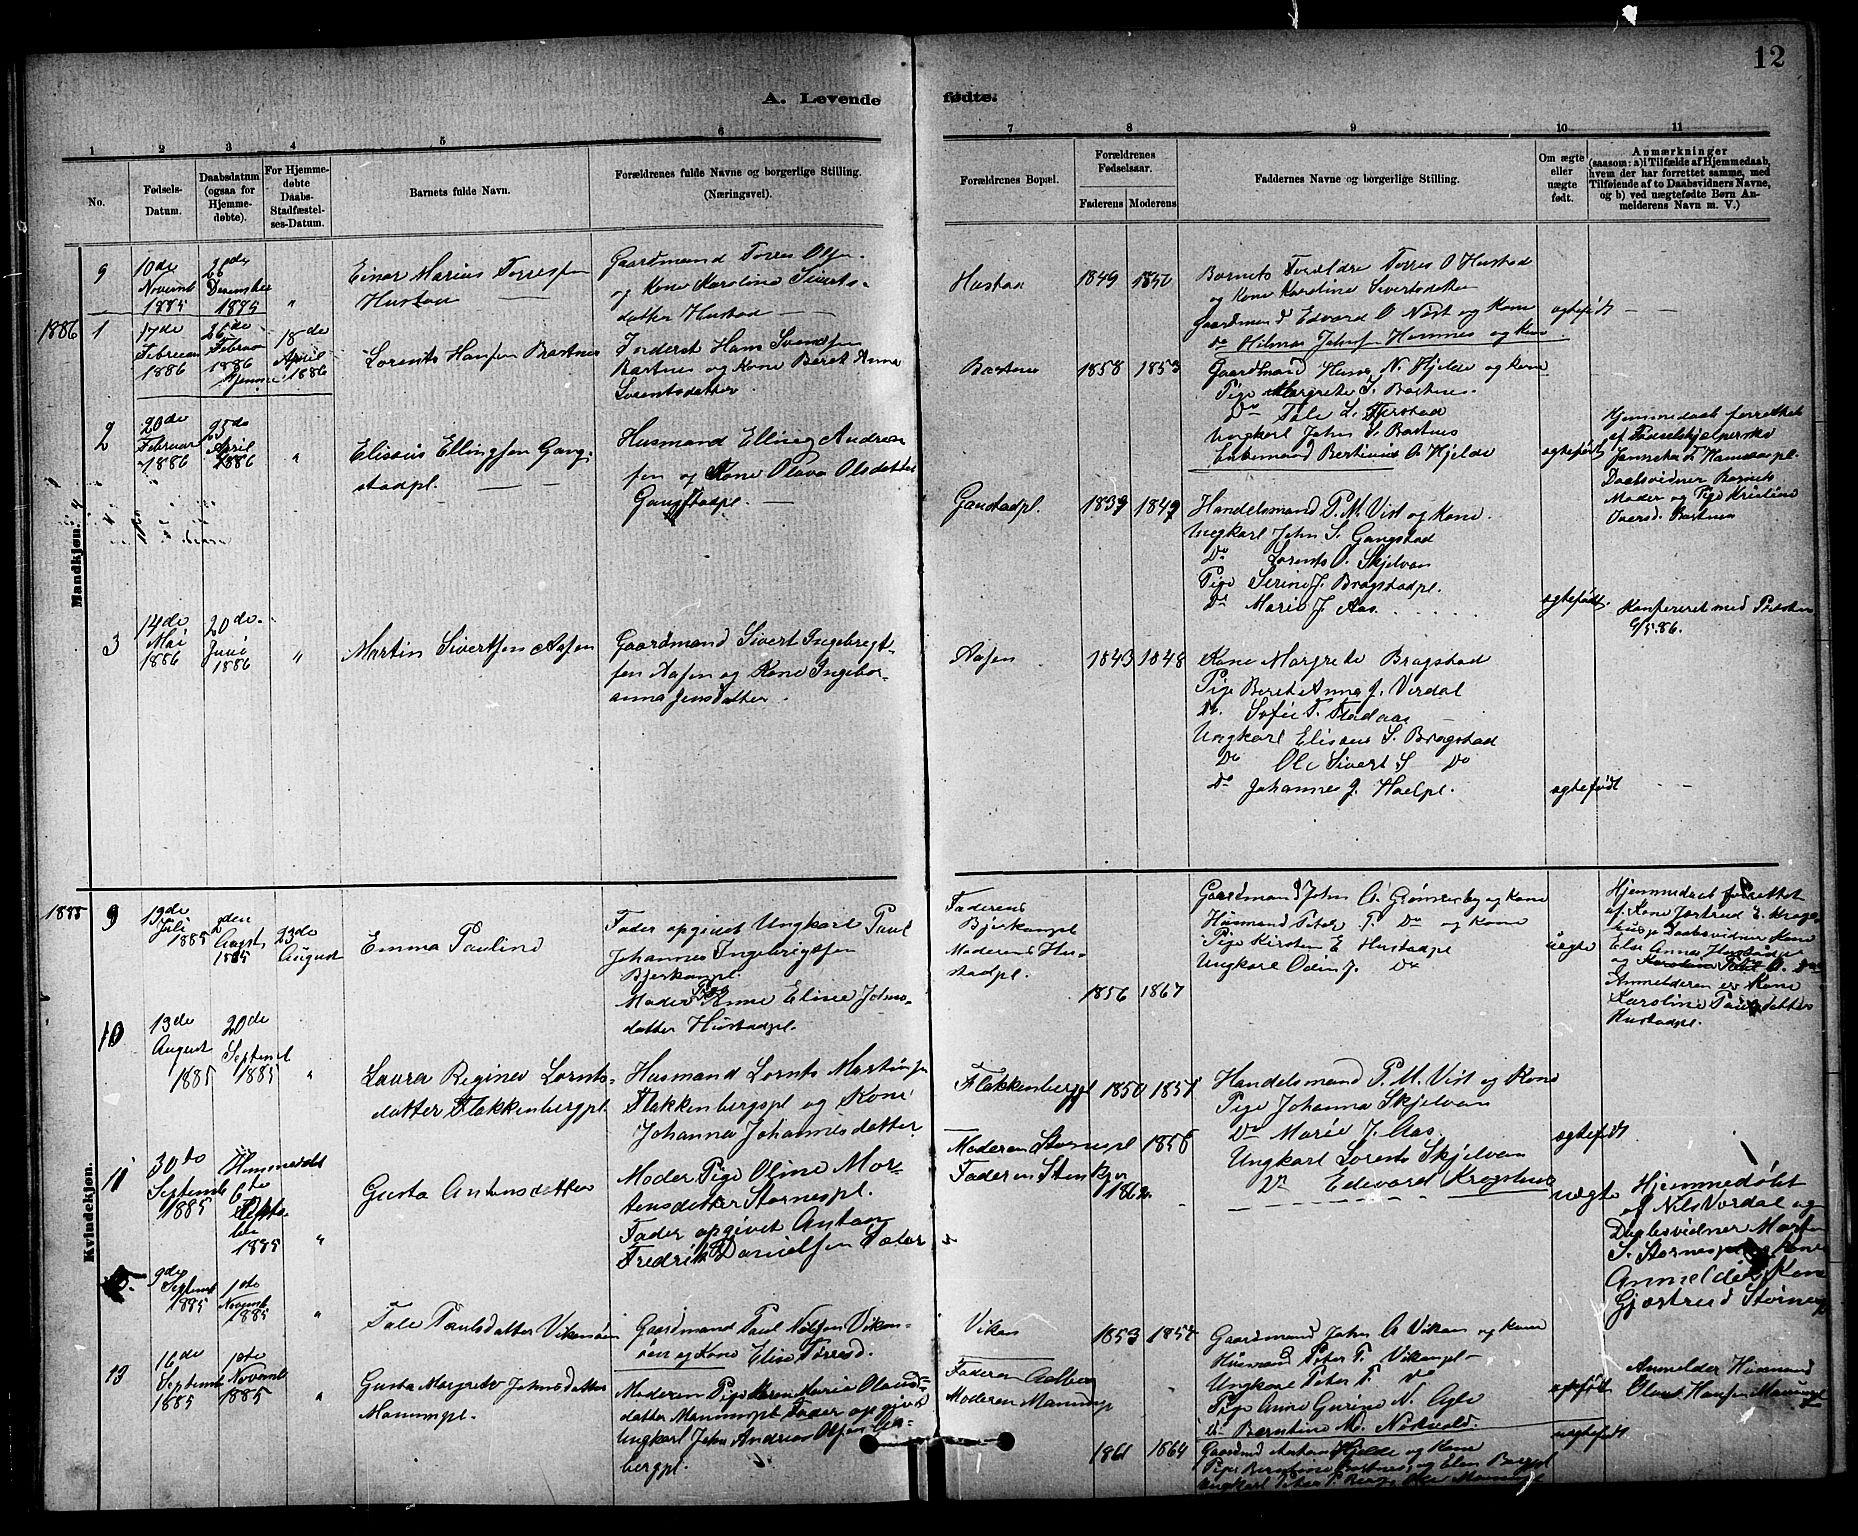 SAT, Ministerialprotokoller, klokkerbøker og fødselsregistre - Nord-Trøndelag, 732/L0318: Klokkerbok nr. 732C02, 1881-1911, s. 12